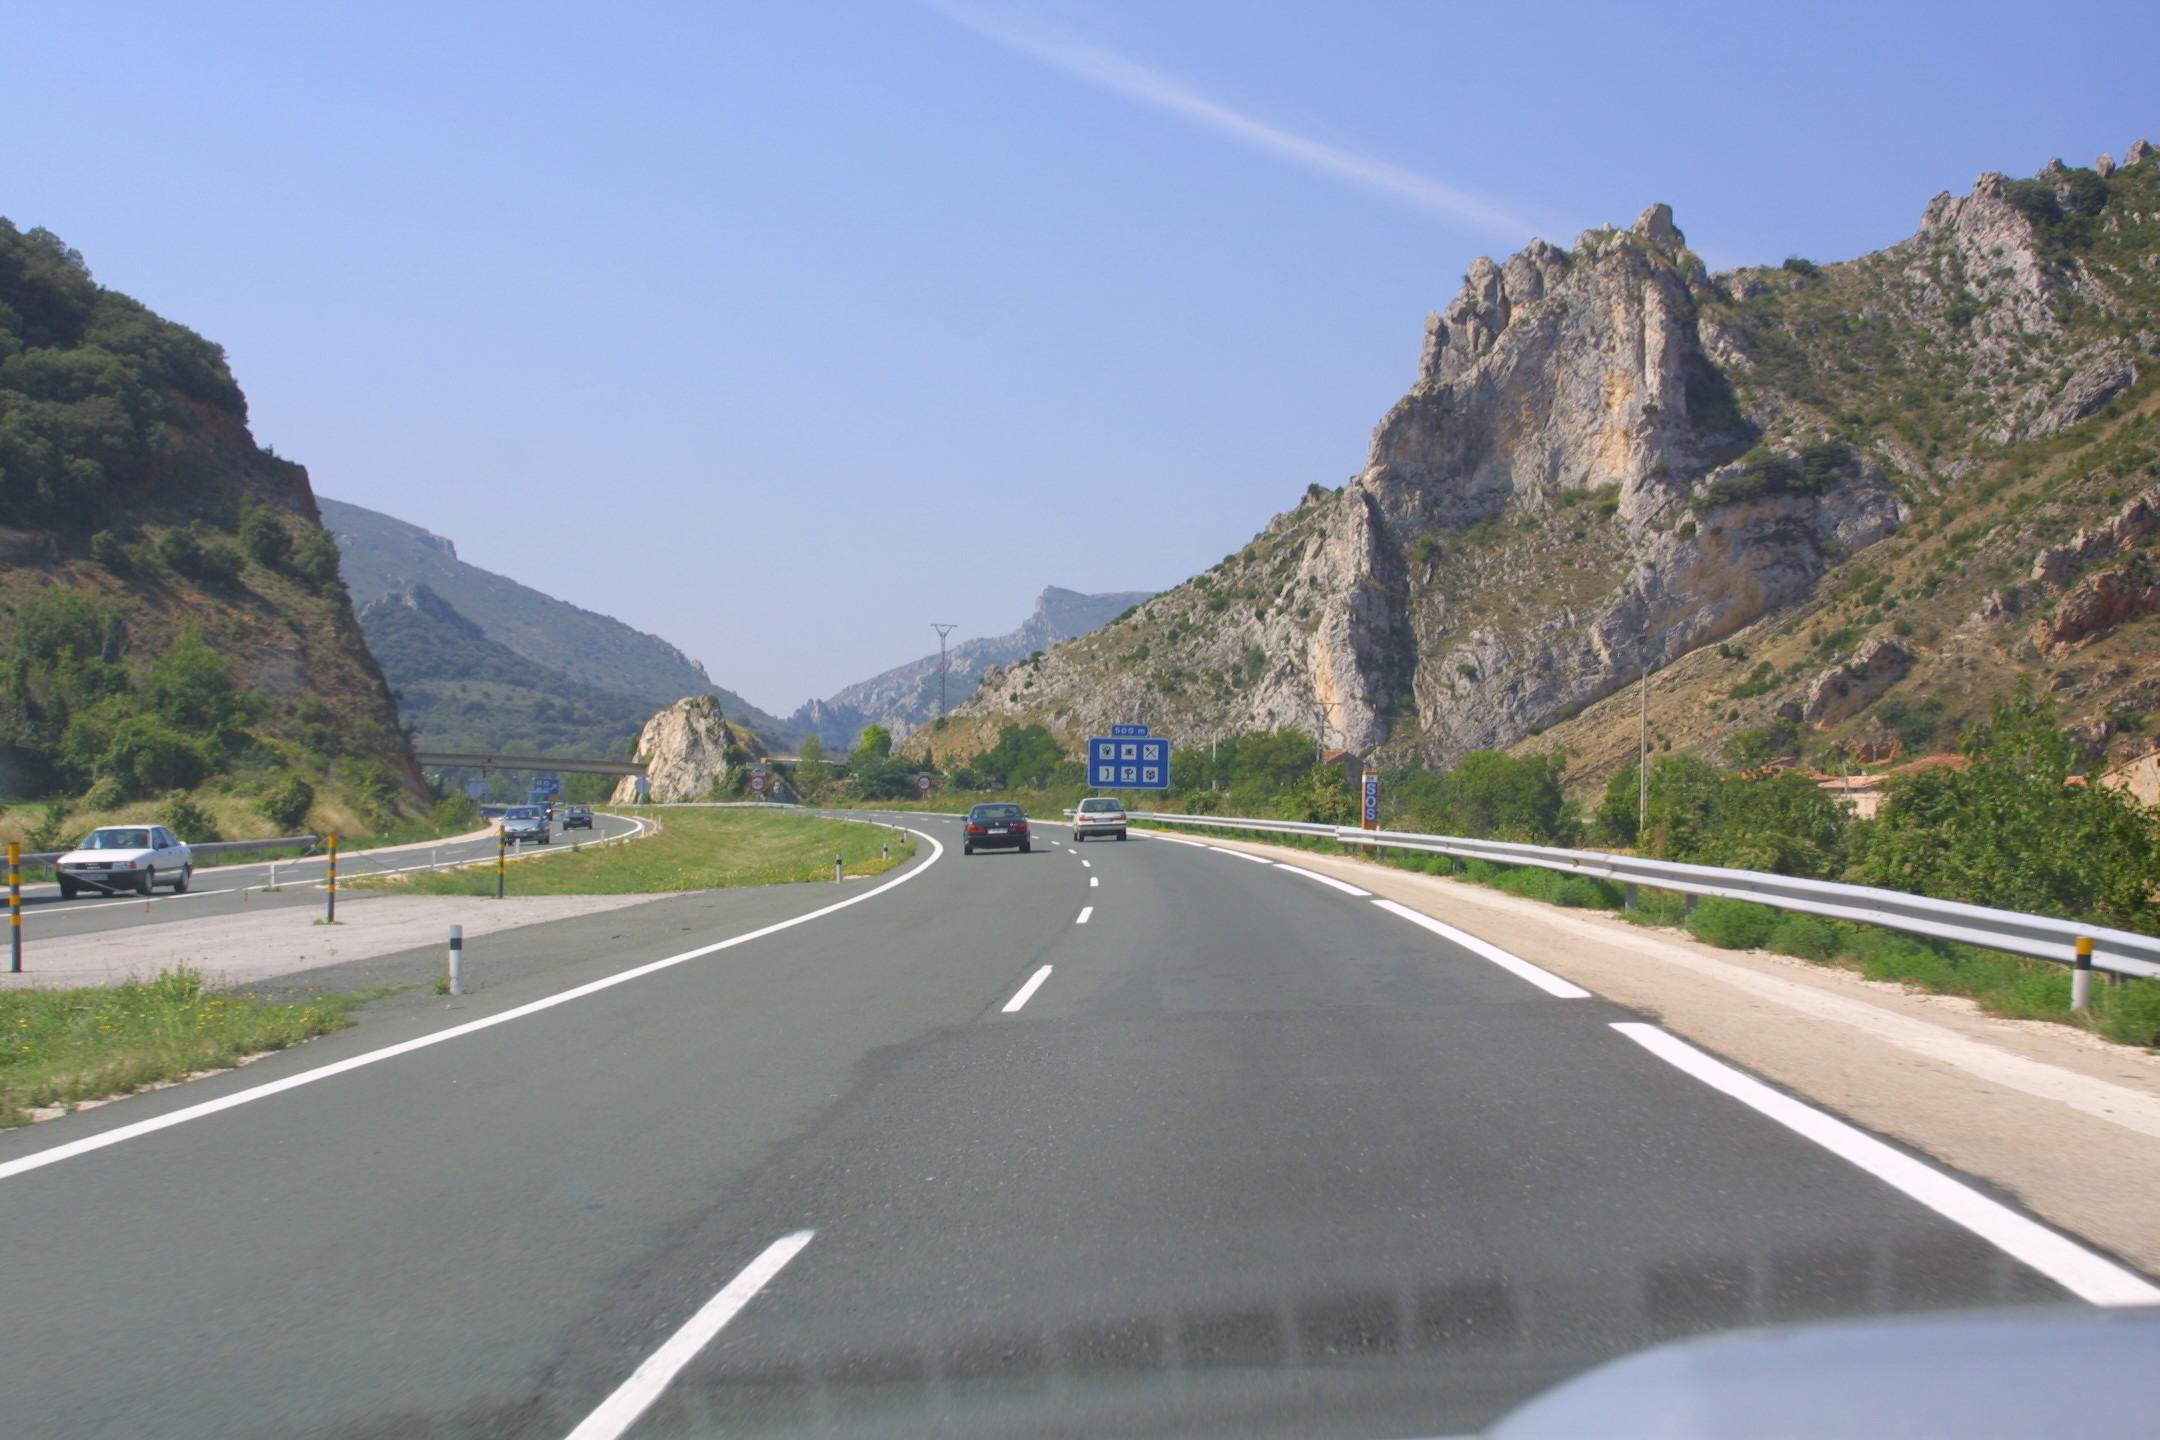 På vej mod syd i Spanien efter Pyrenærerne.